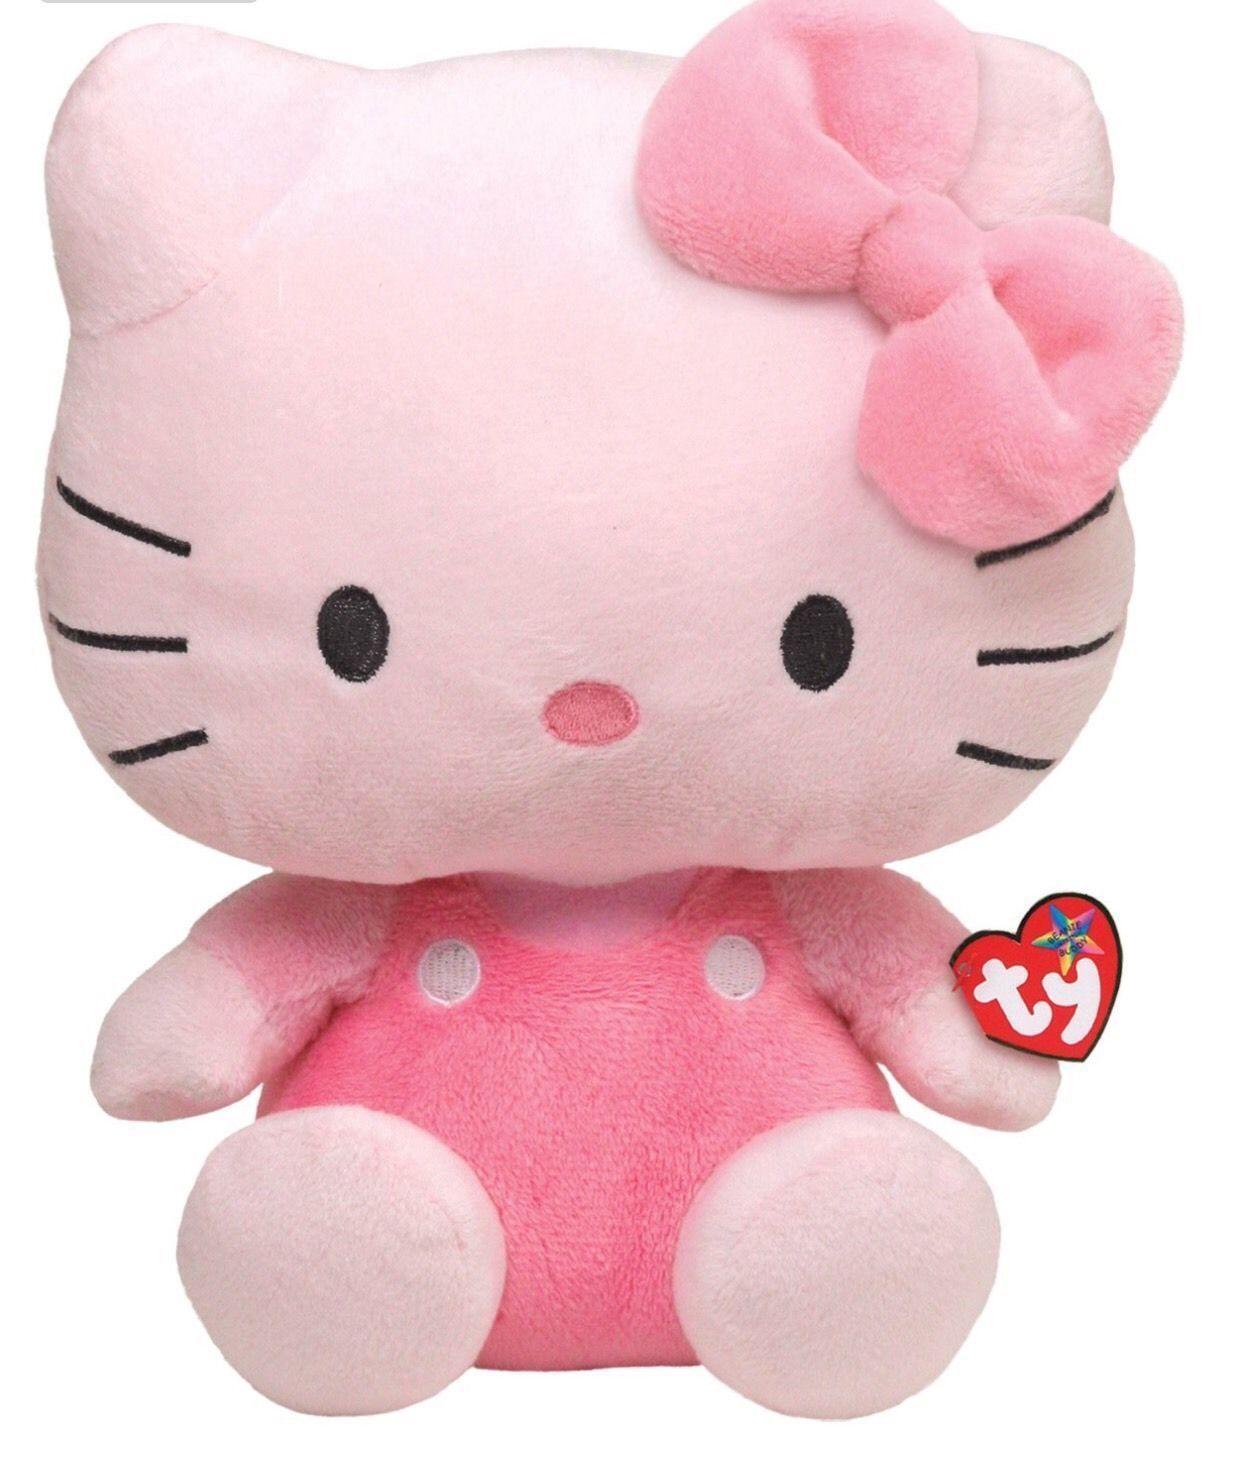 TY Beanie Babies - Hello Kitty - růžová 90116 - 25 cm plyšák TY Inc. ( Meteor )